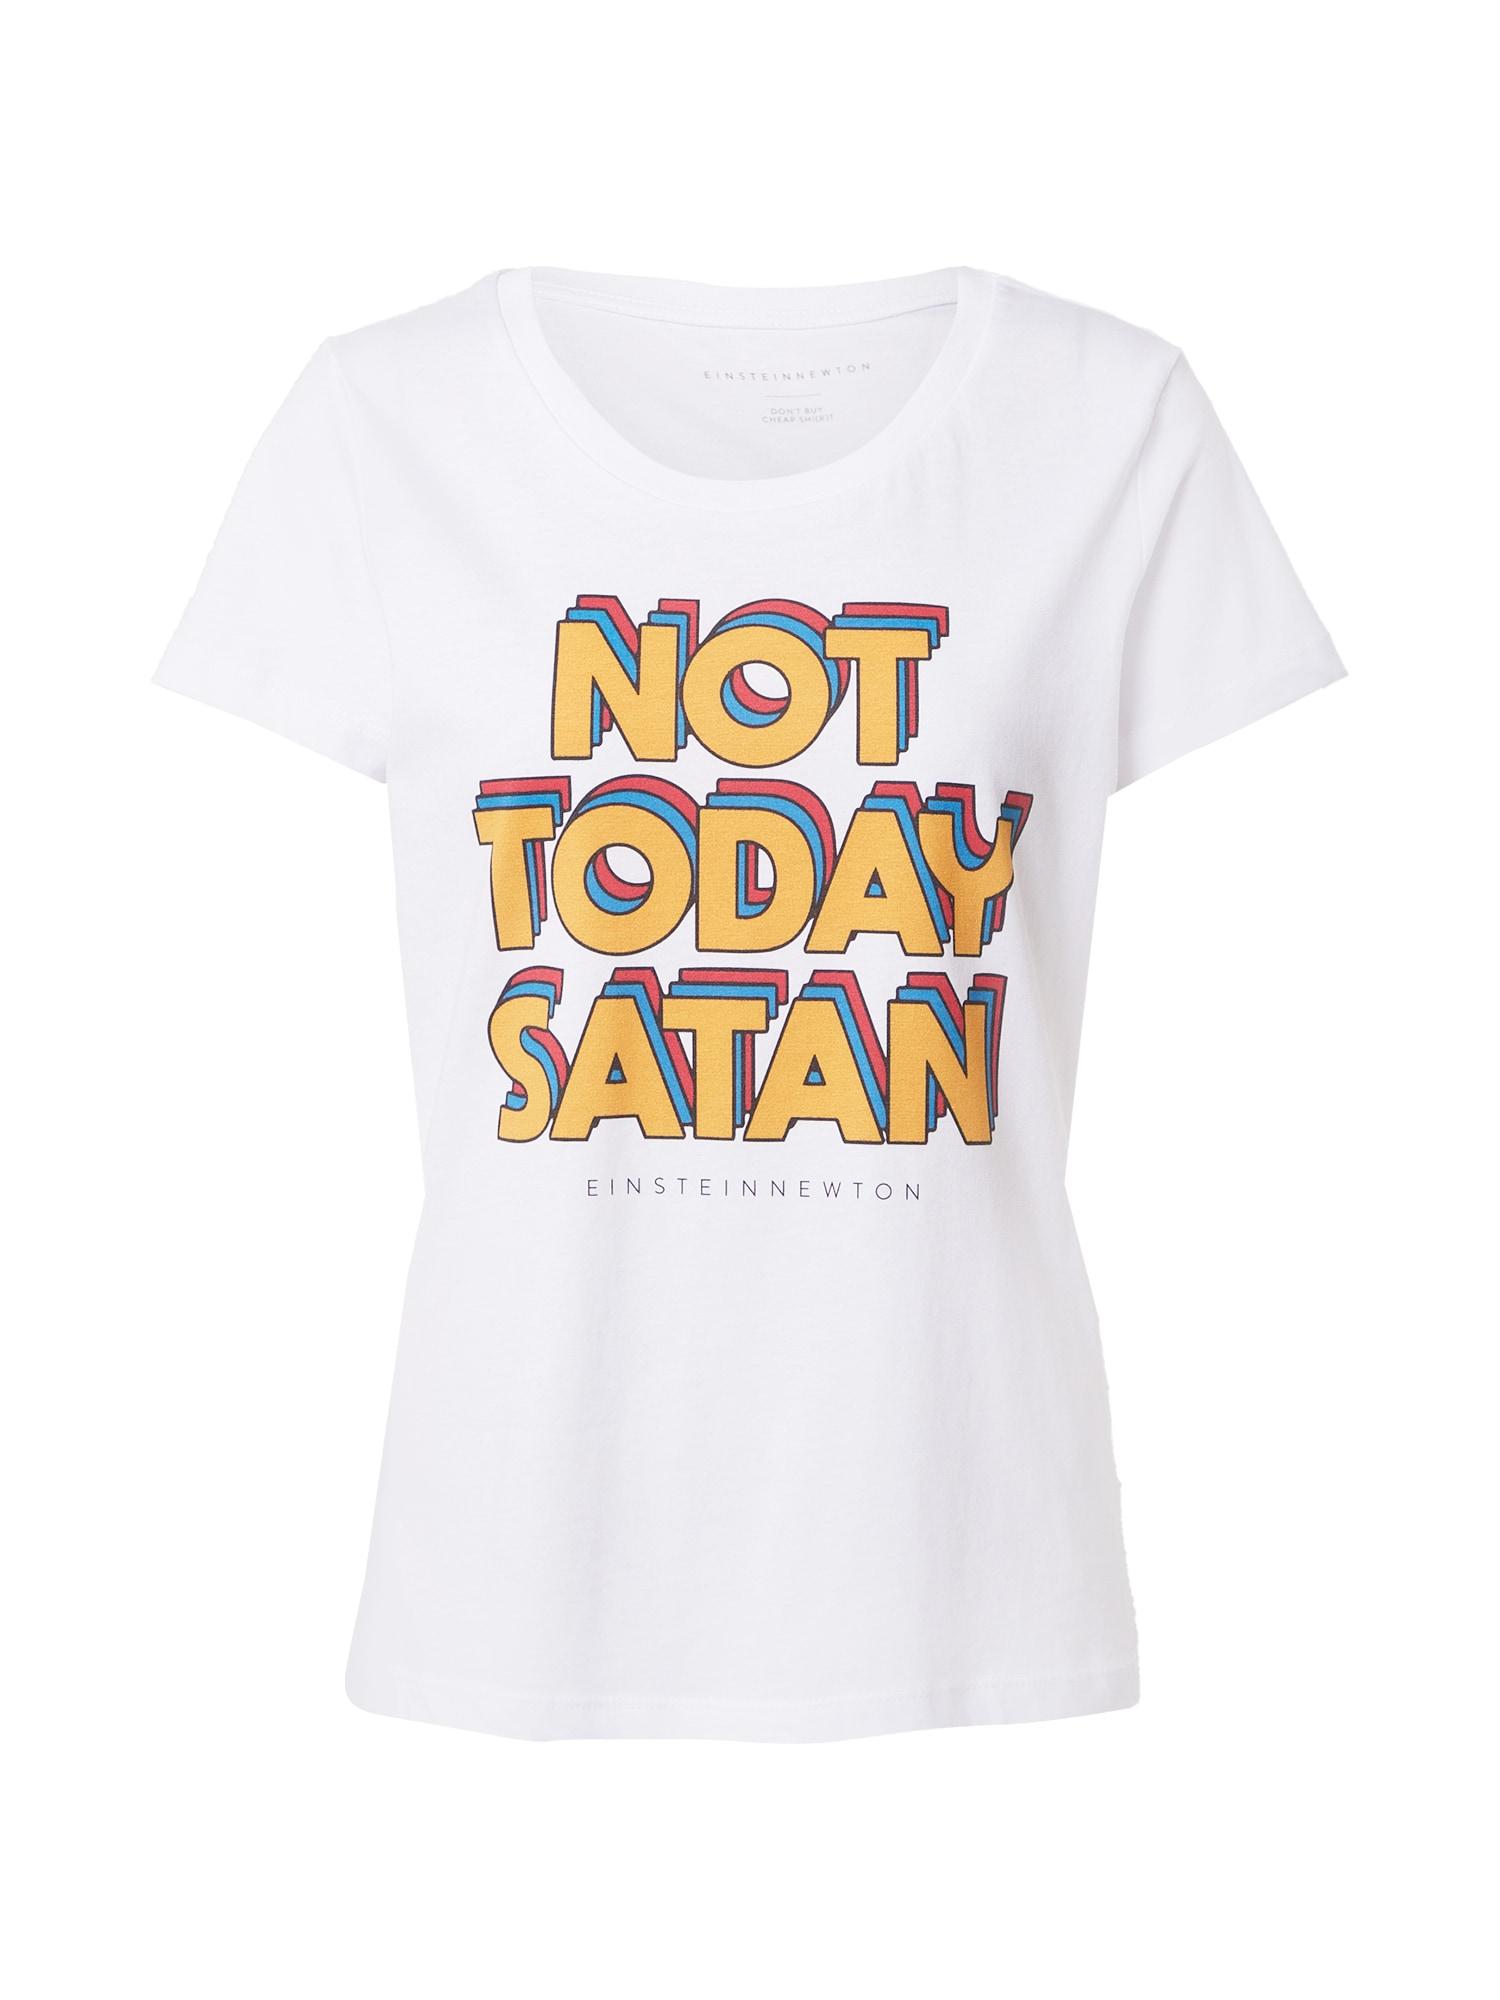 EINSTEIN & NEWTON Marškinėliai balkšva / garstyčių spalva / mėlyna / pastelinė raudona / juoda